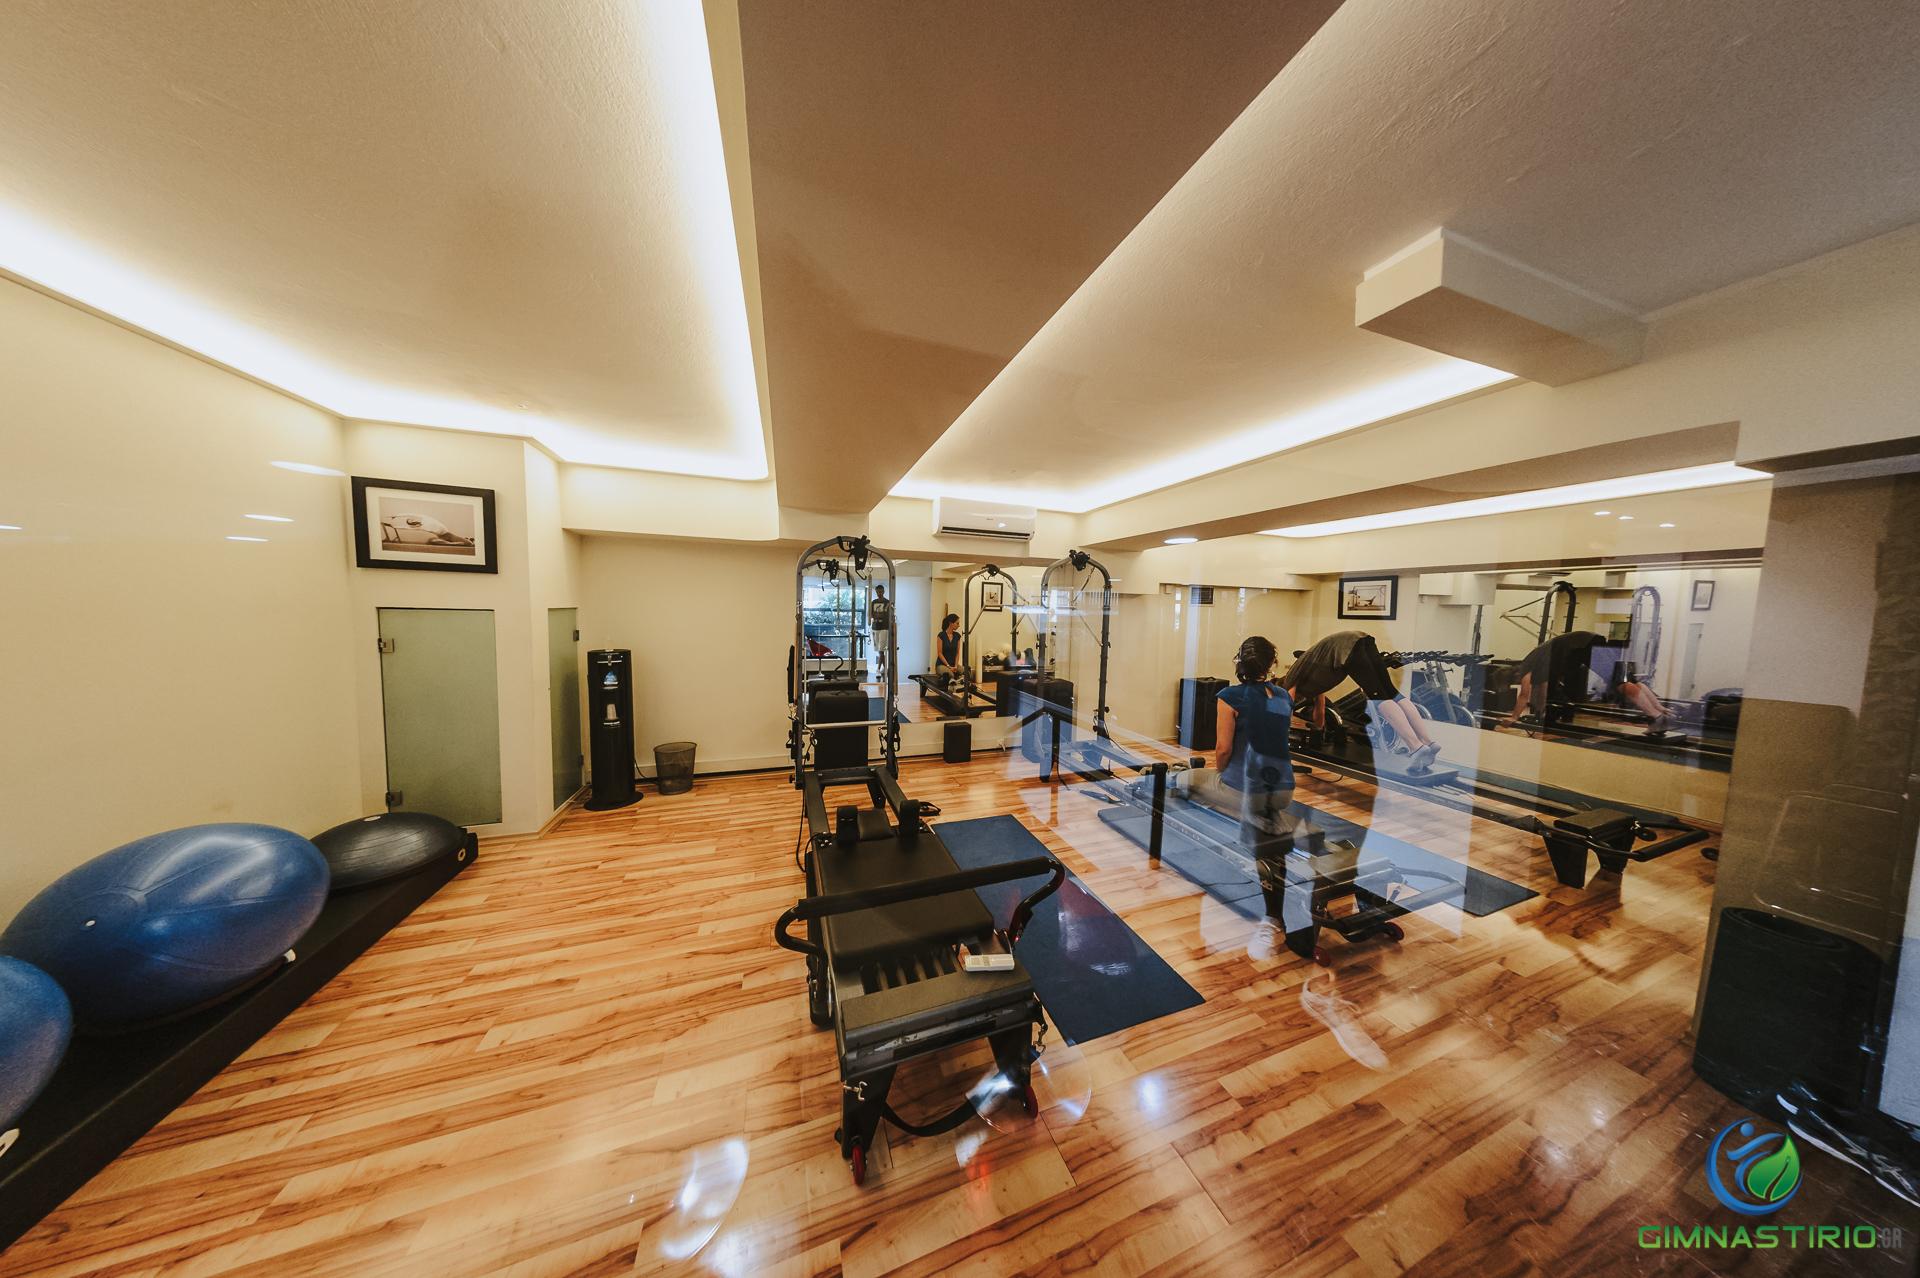 29€ για τρεις (3) συνεδρίες Pilates Reformer υπό τις οδηγίες των καλύτερων προπονητών στο Michael Minoudis Personal Studio στο Κολωνάκι! Αρχικής αξίας 75€ - Έκπτωση 61%